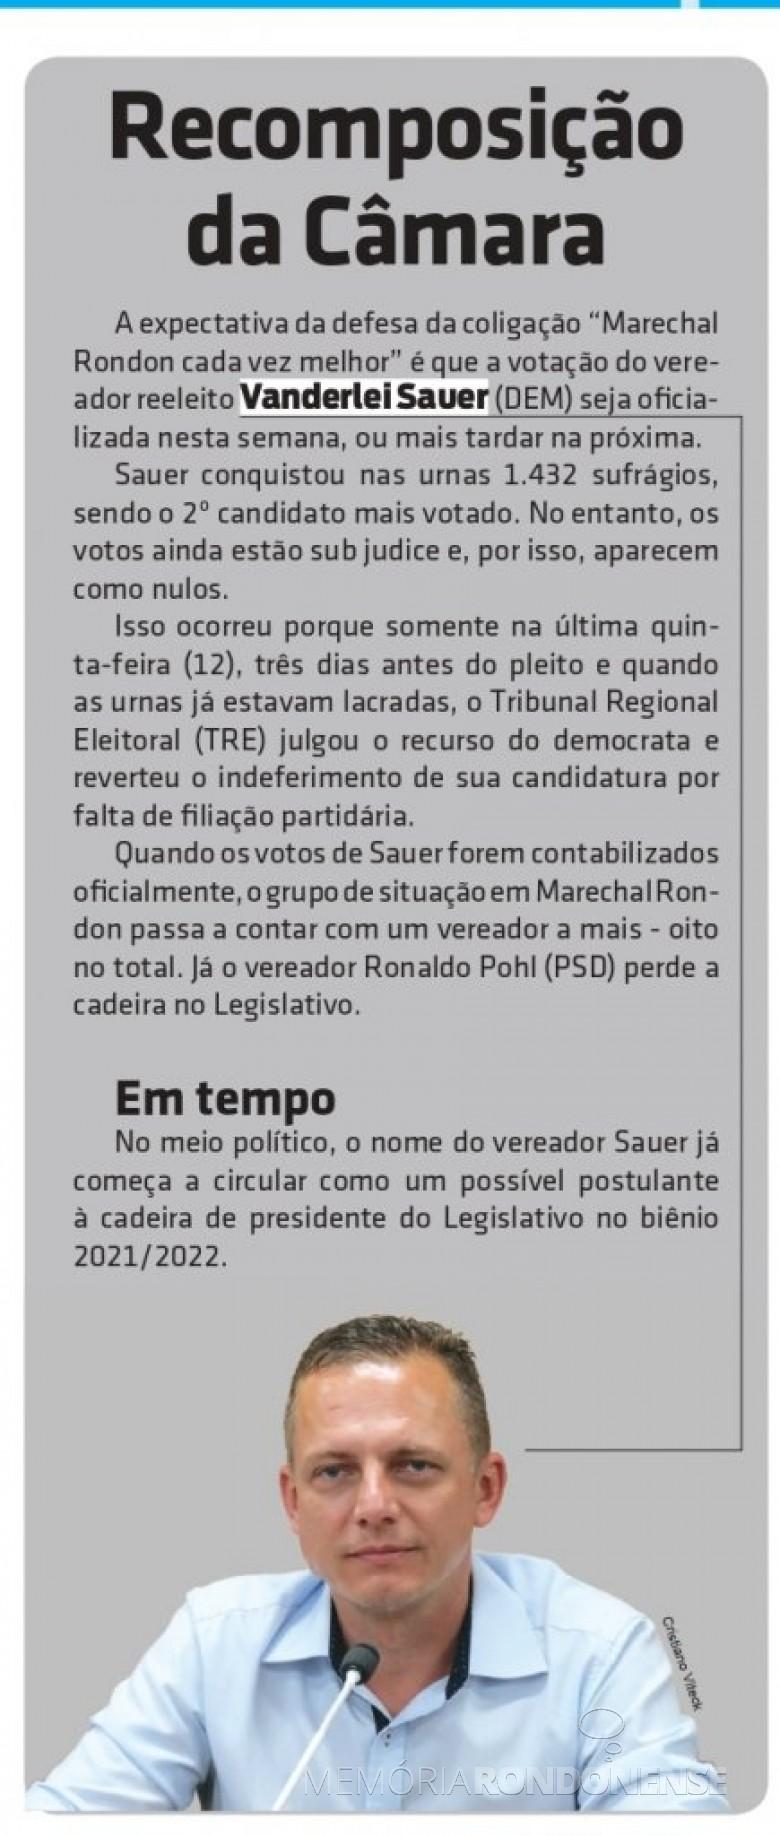 Vereador Vanderlei Sauer (reeleito para o segundo mandato) que ocupou a vaga do vereador Ronaldo Pohl, após o deferimento de suas votos. Imagem: Acervo O Presente - FOTO 32 -